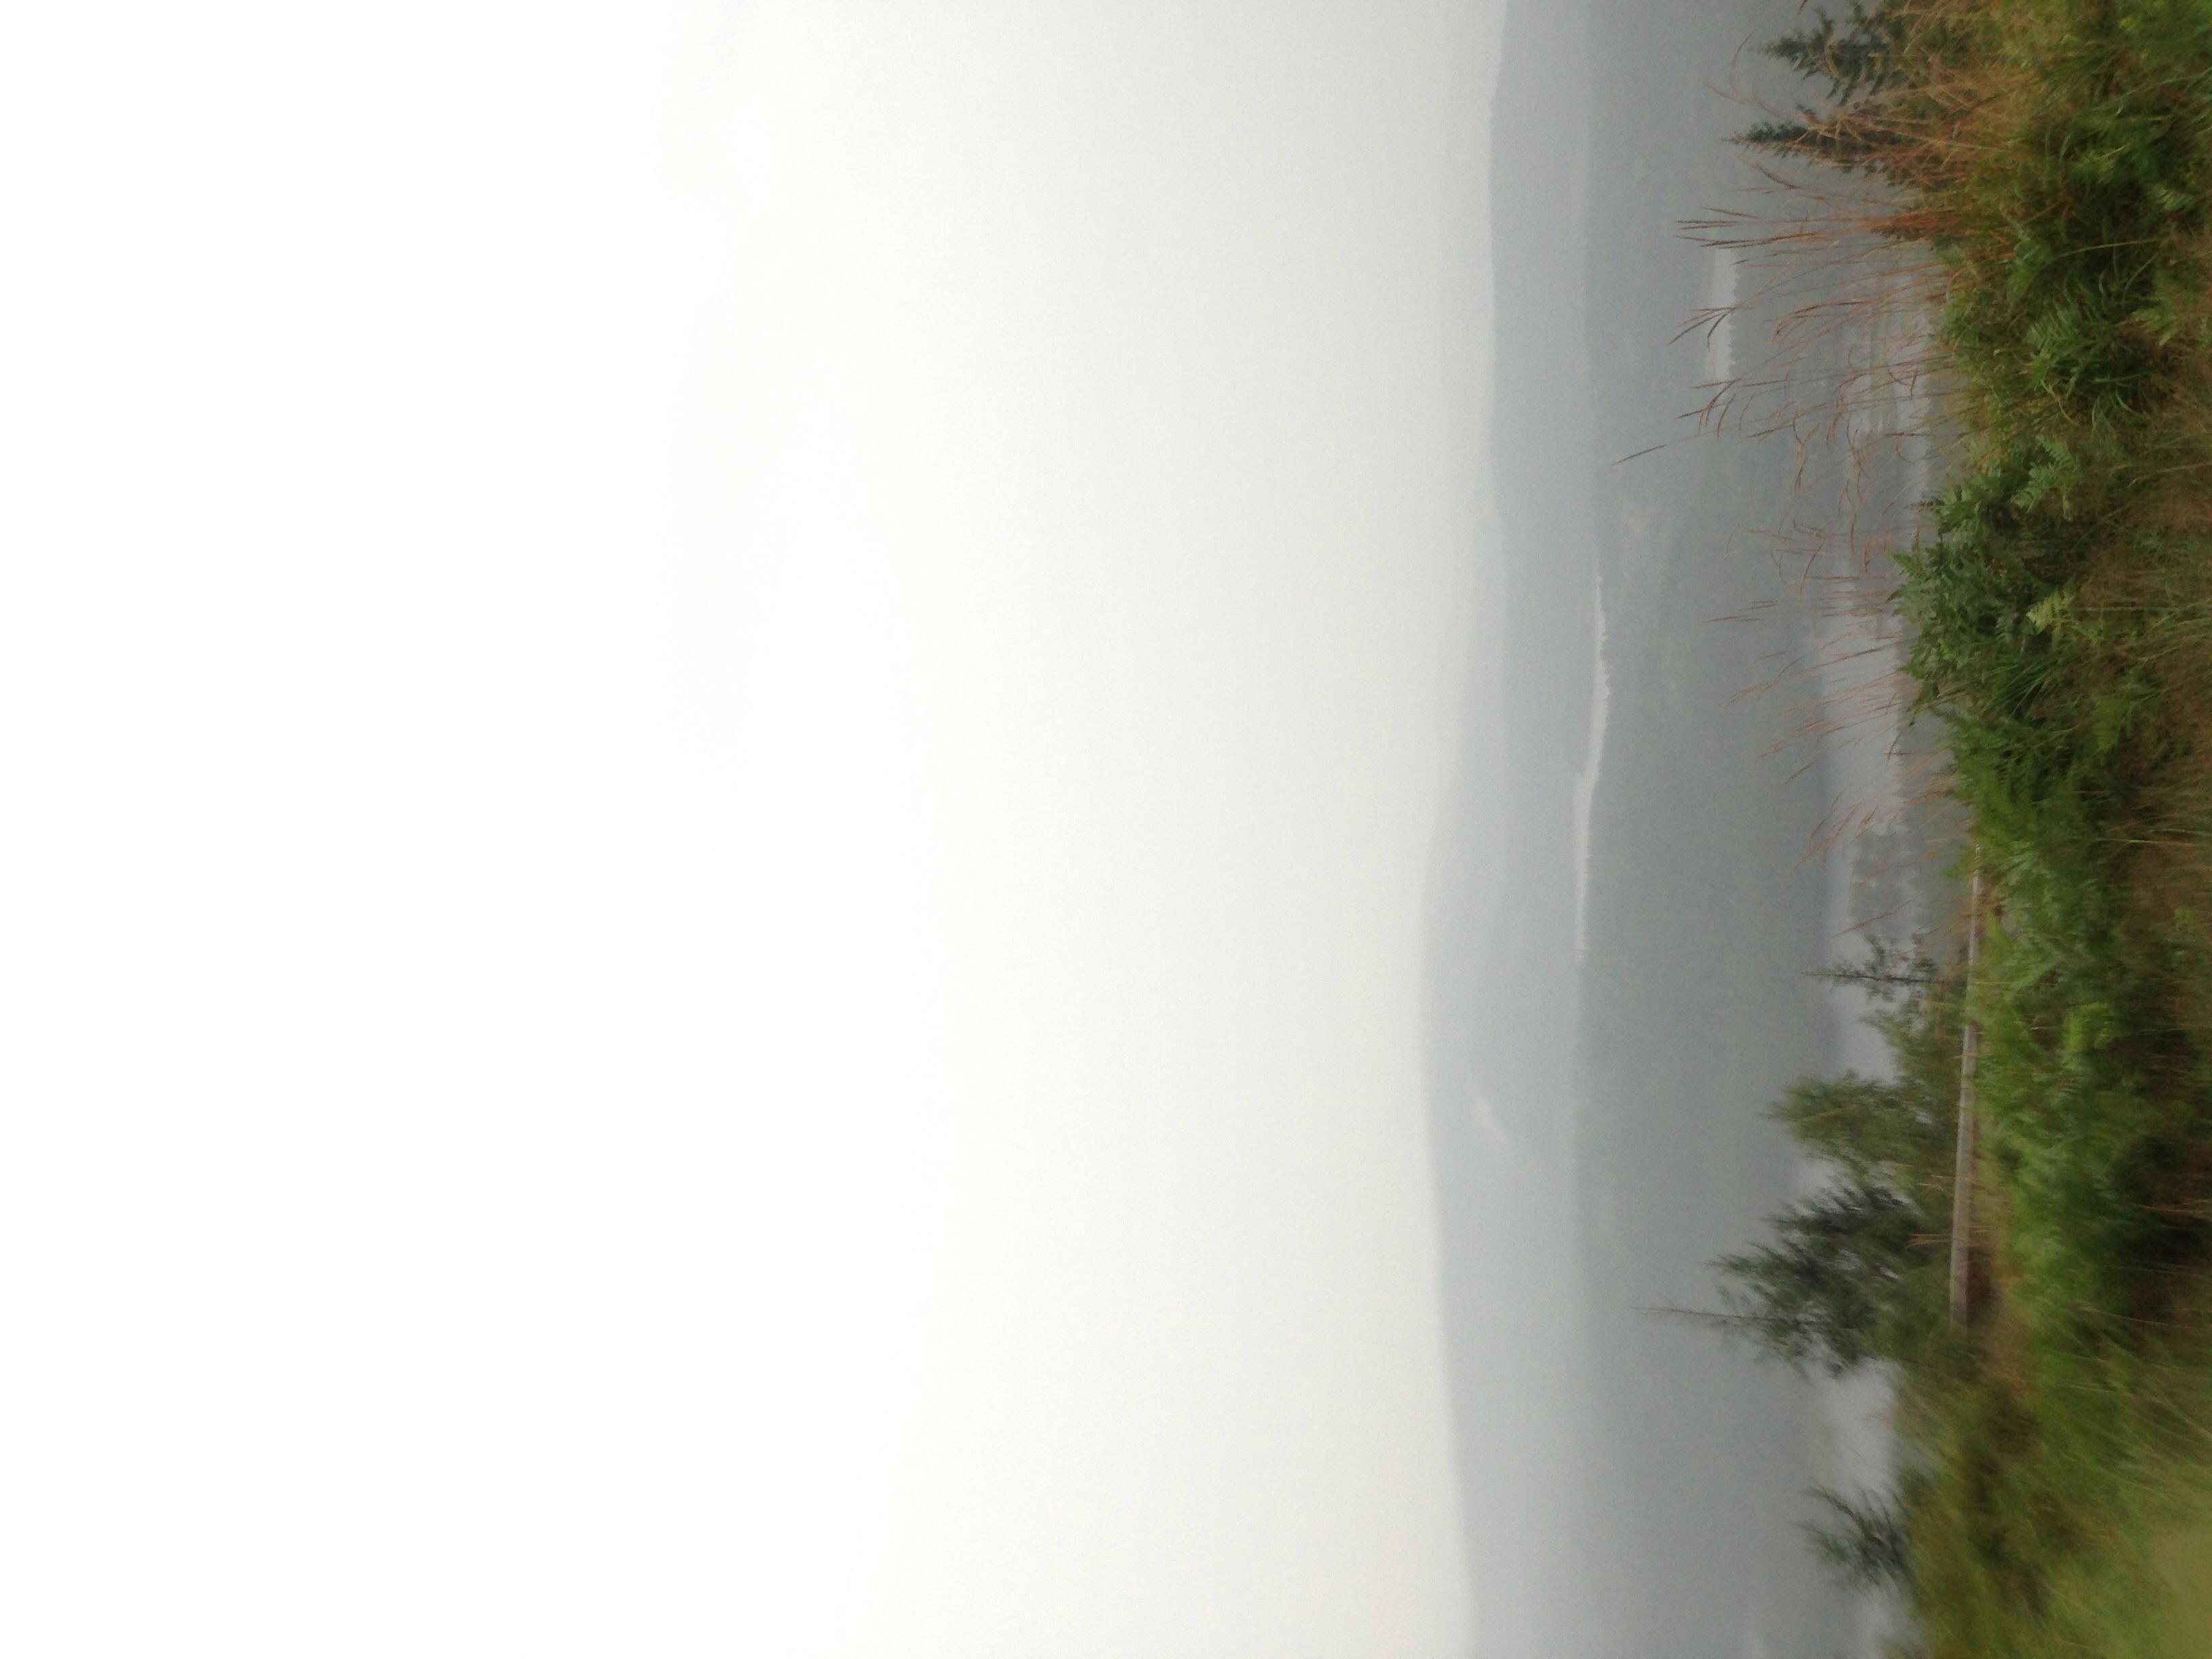 Flott utsikt, dugg på linsen og masse regn.